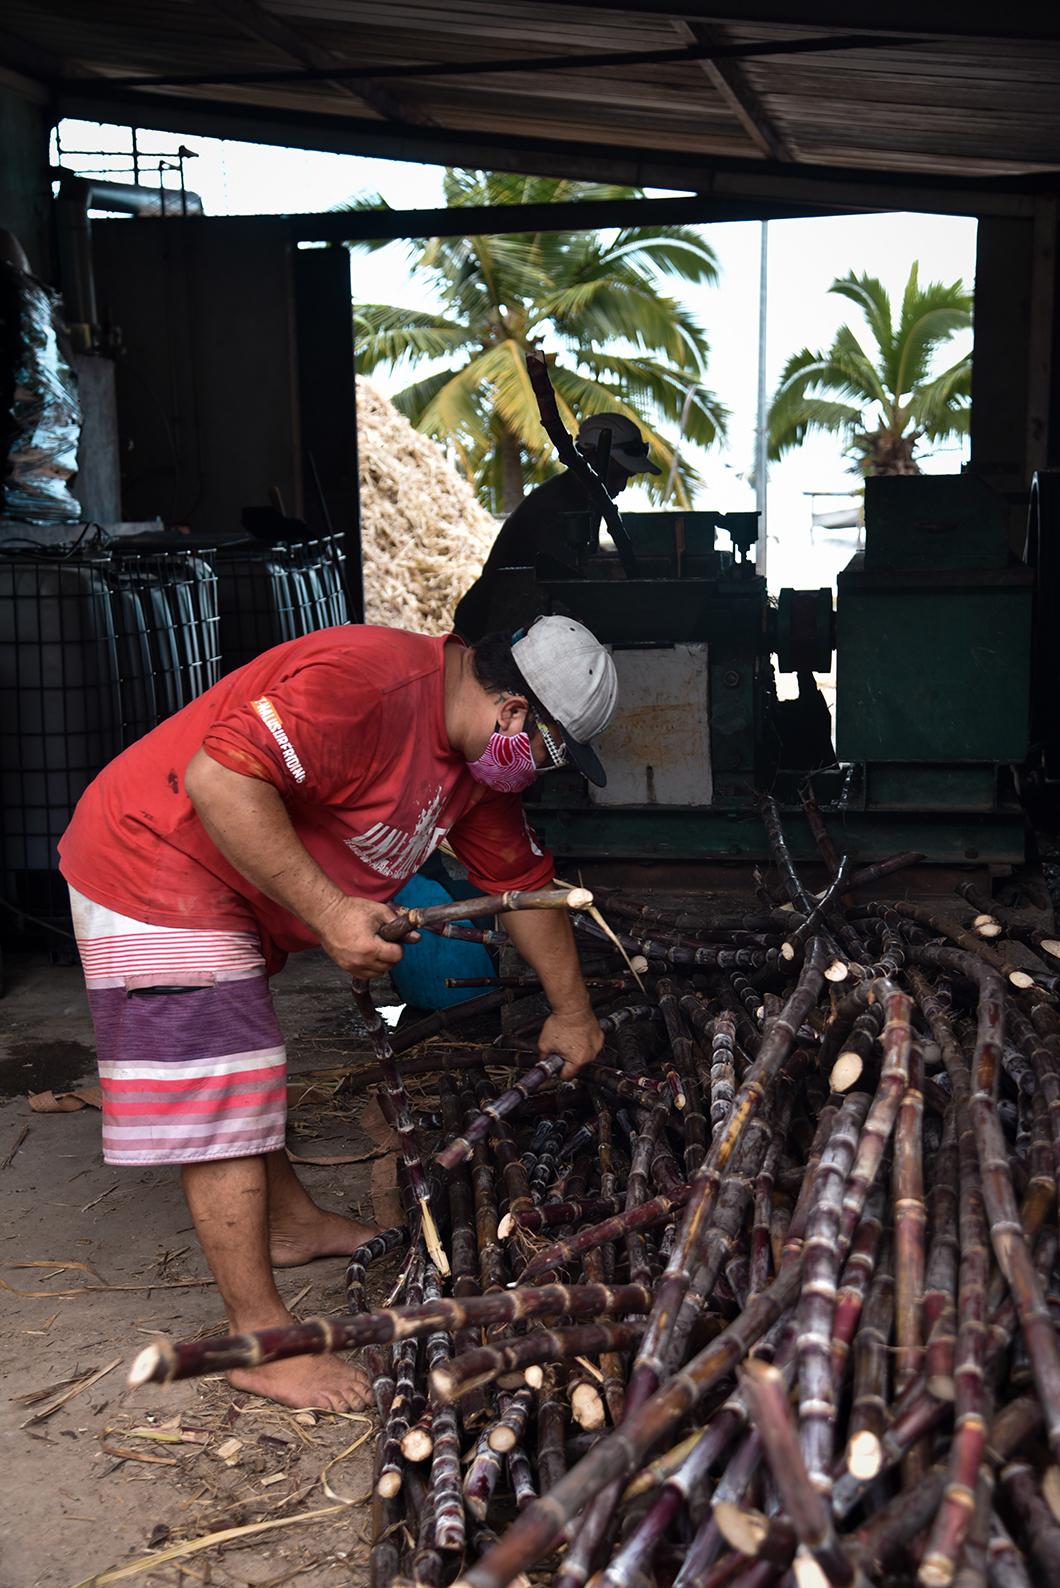 Découvrir la distillerie artisanale de rhum agricole Pari Pari